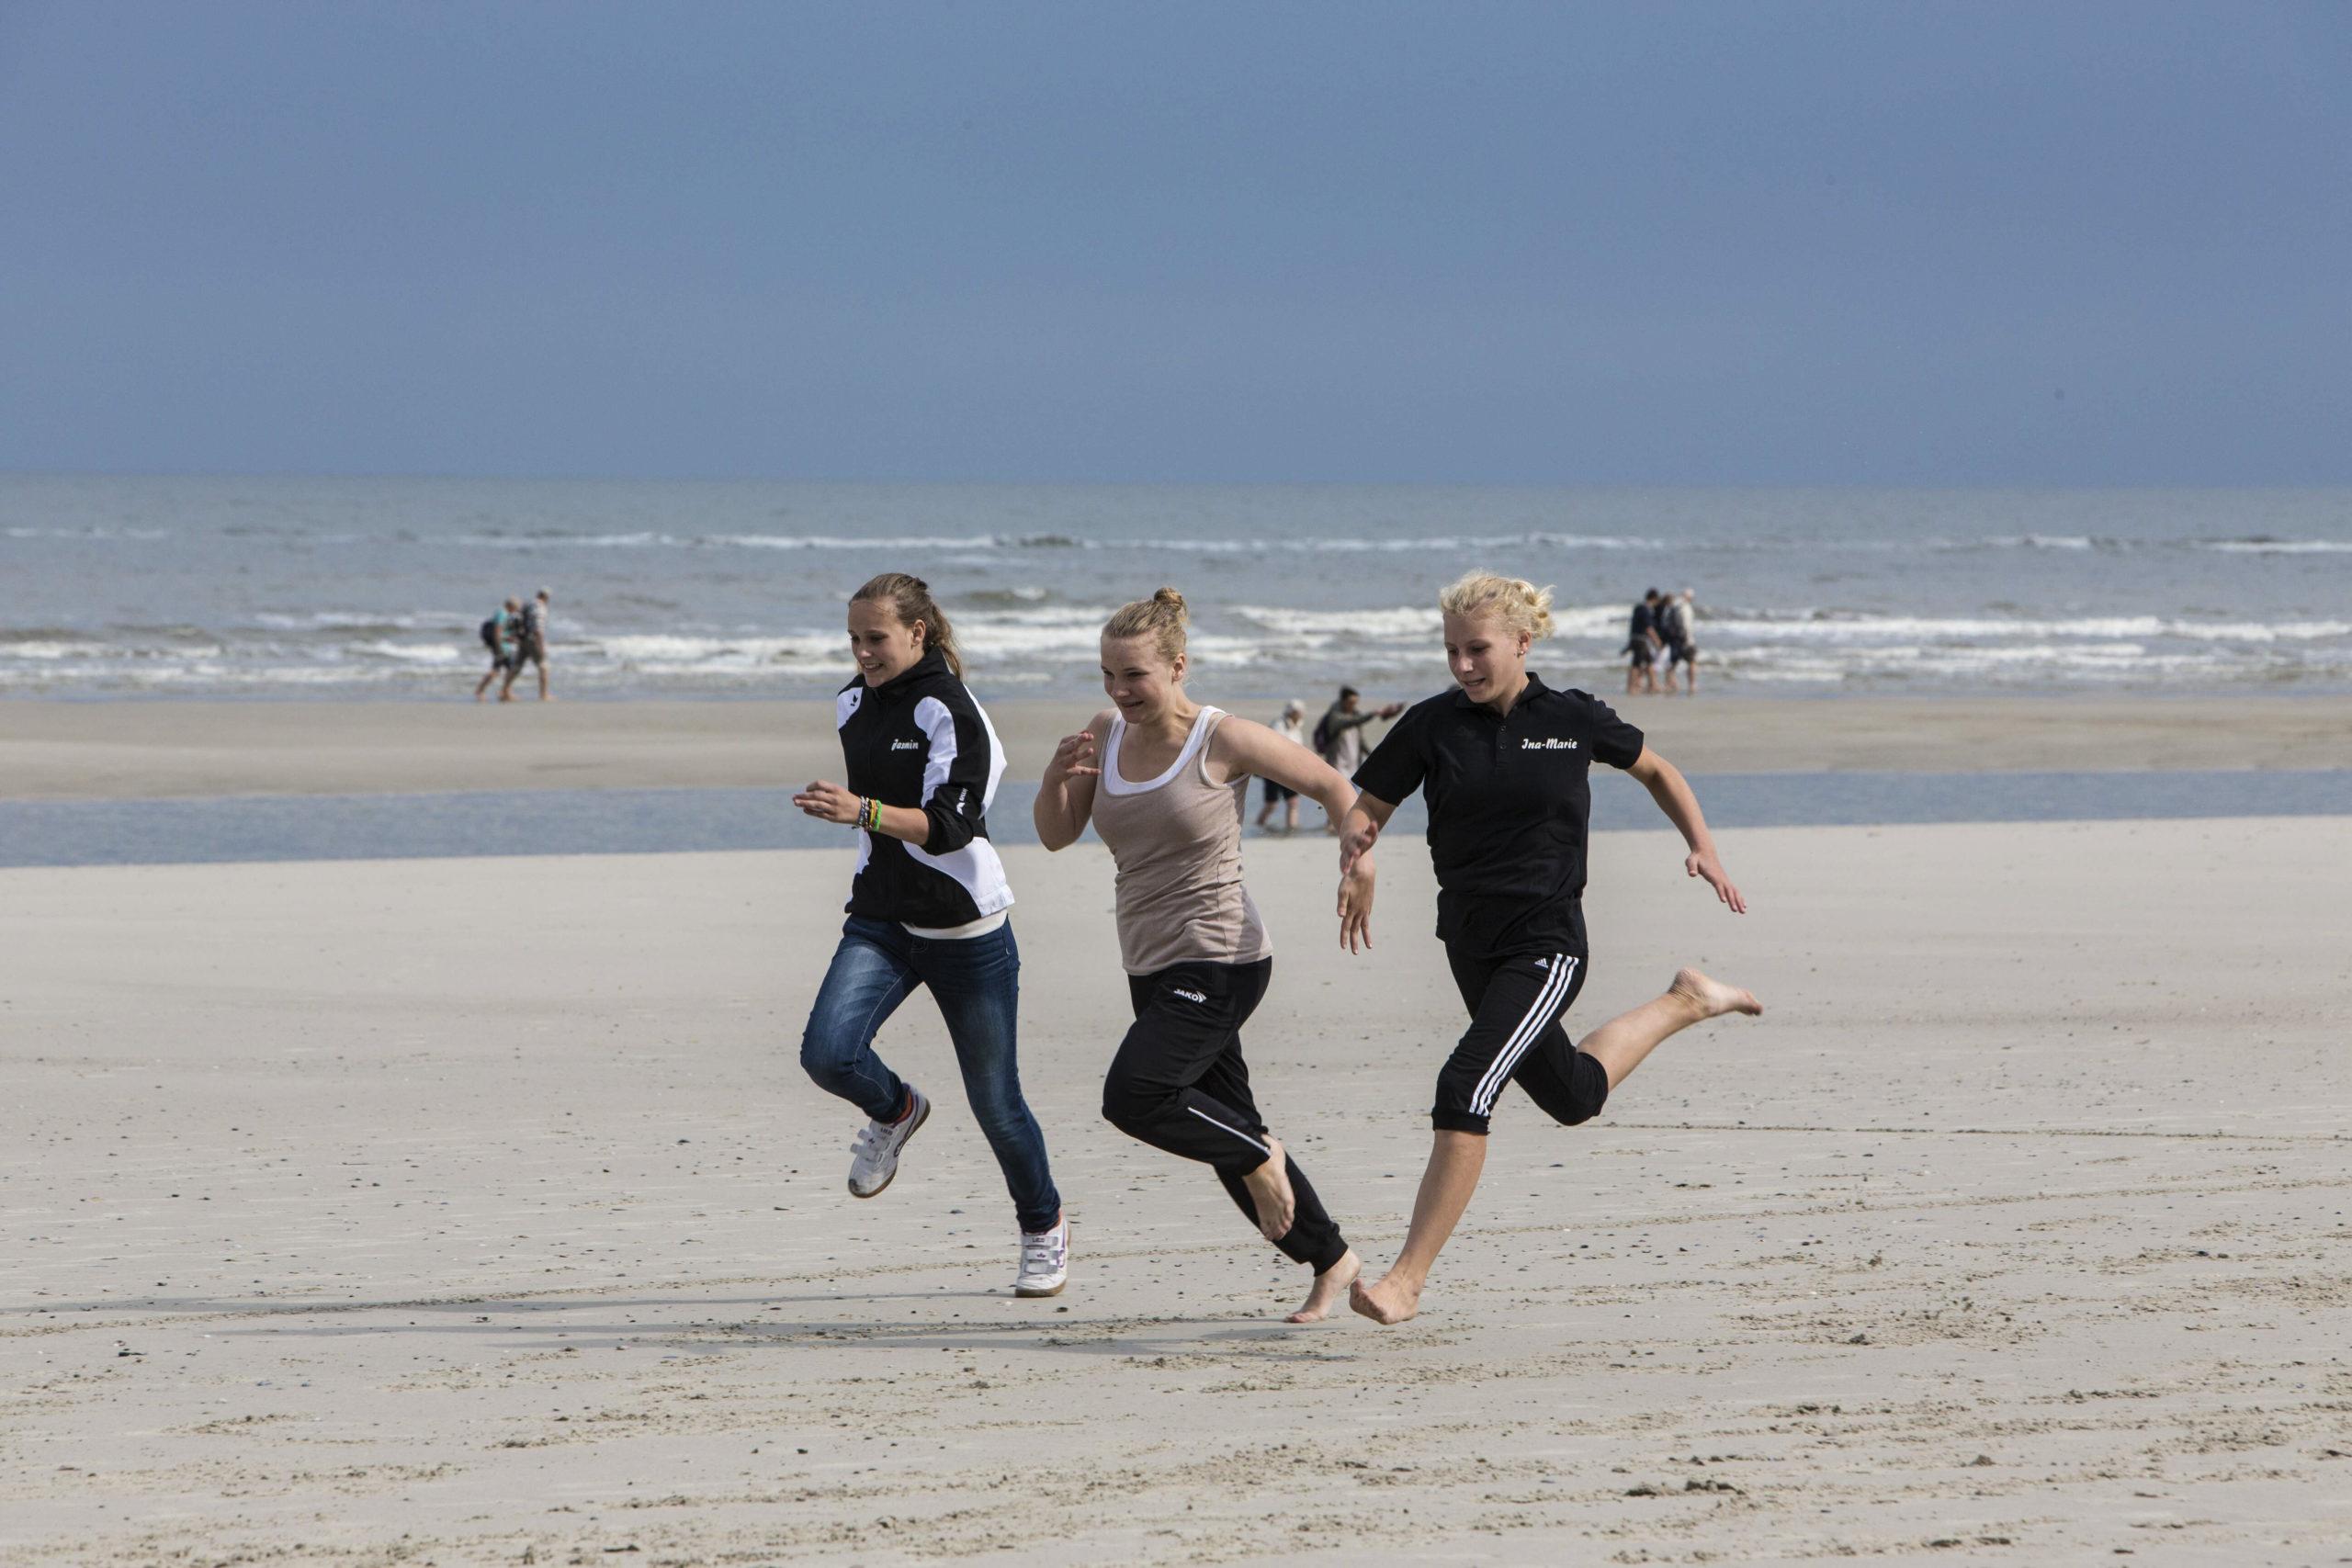 Schönste Strände Ostsee Der Strandabschitt zwischen Ahlbeck und Heringsdorf gehört den Sportbegeisterten.